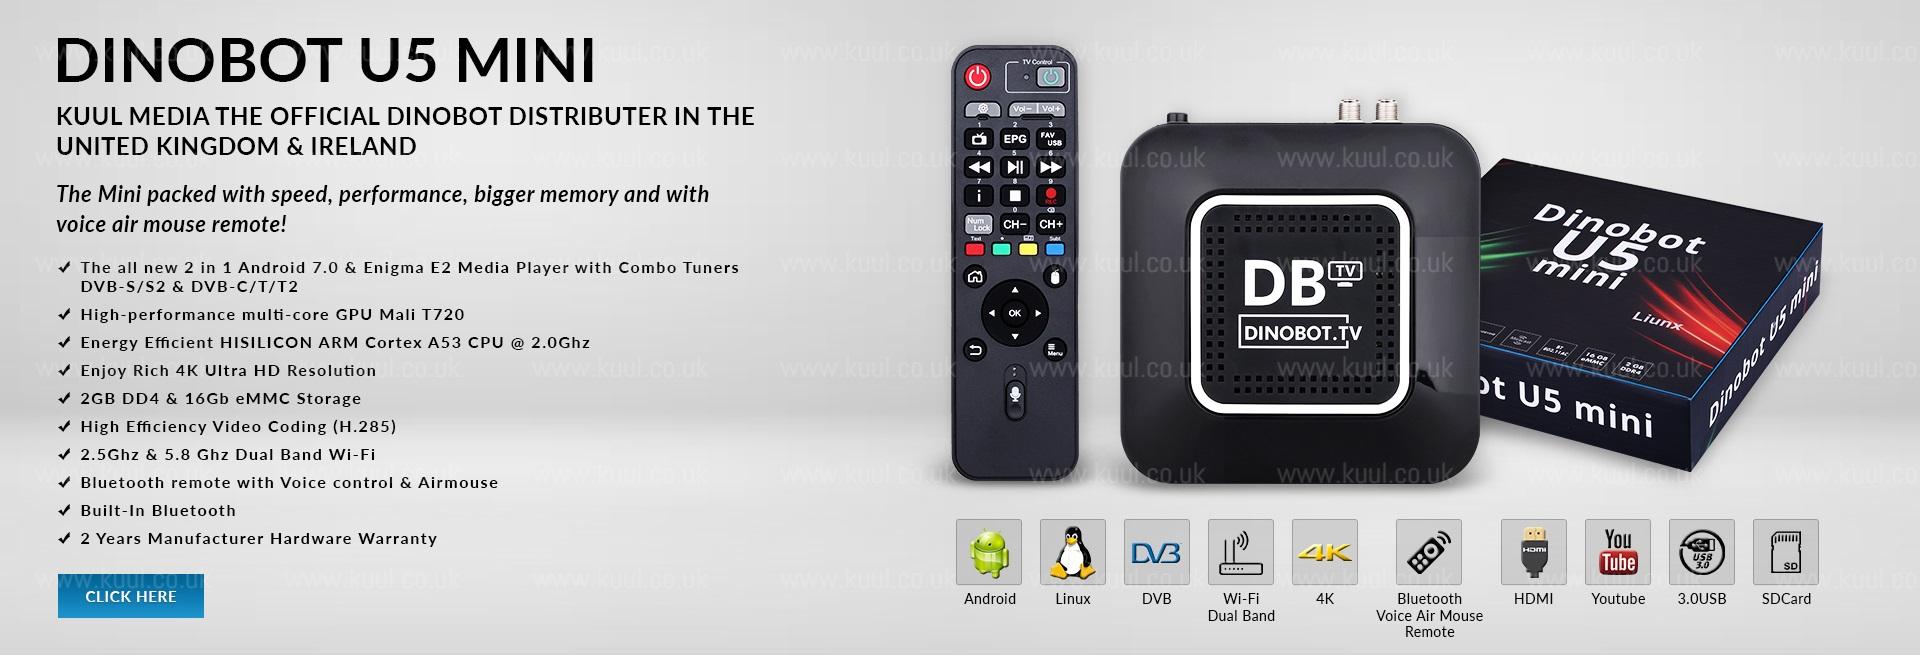 Dinobot TV